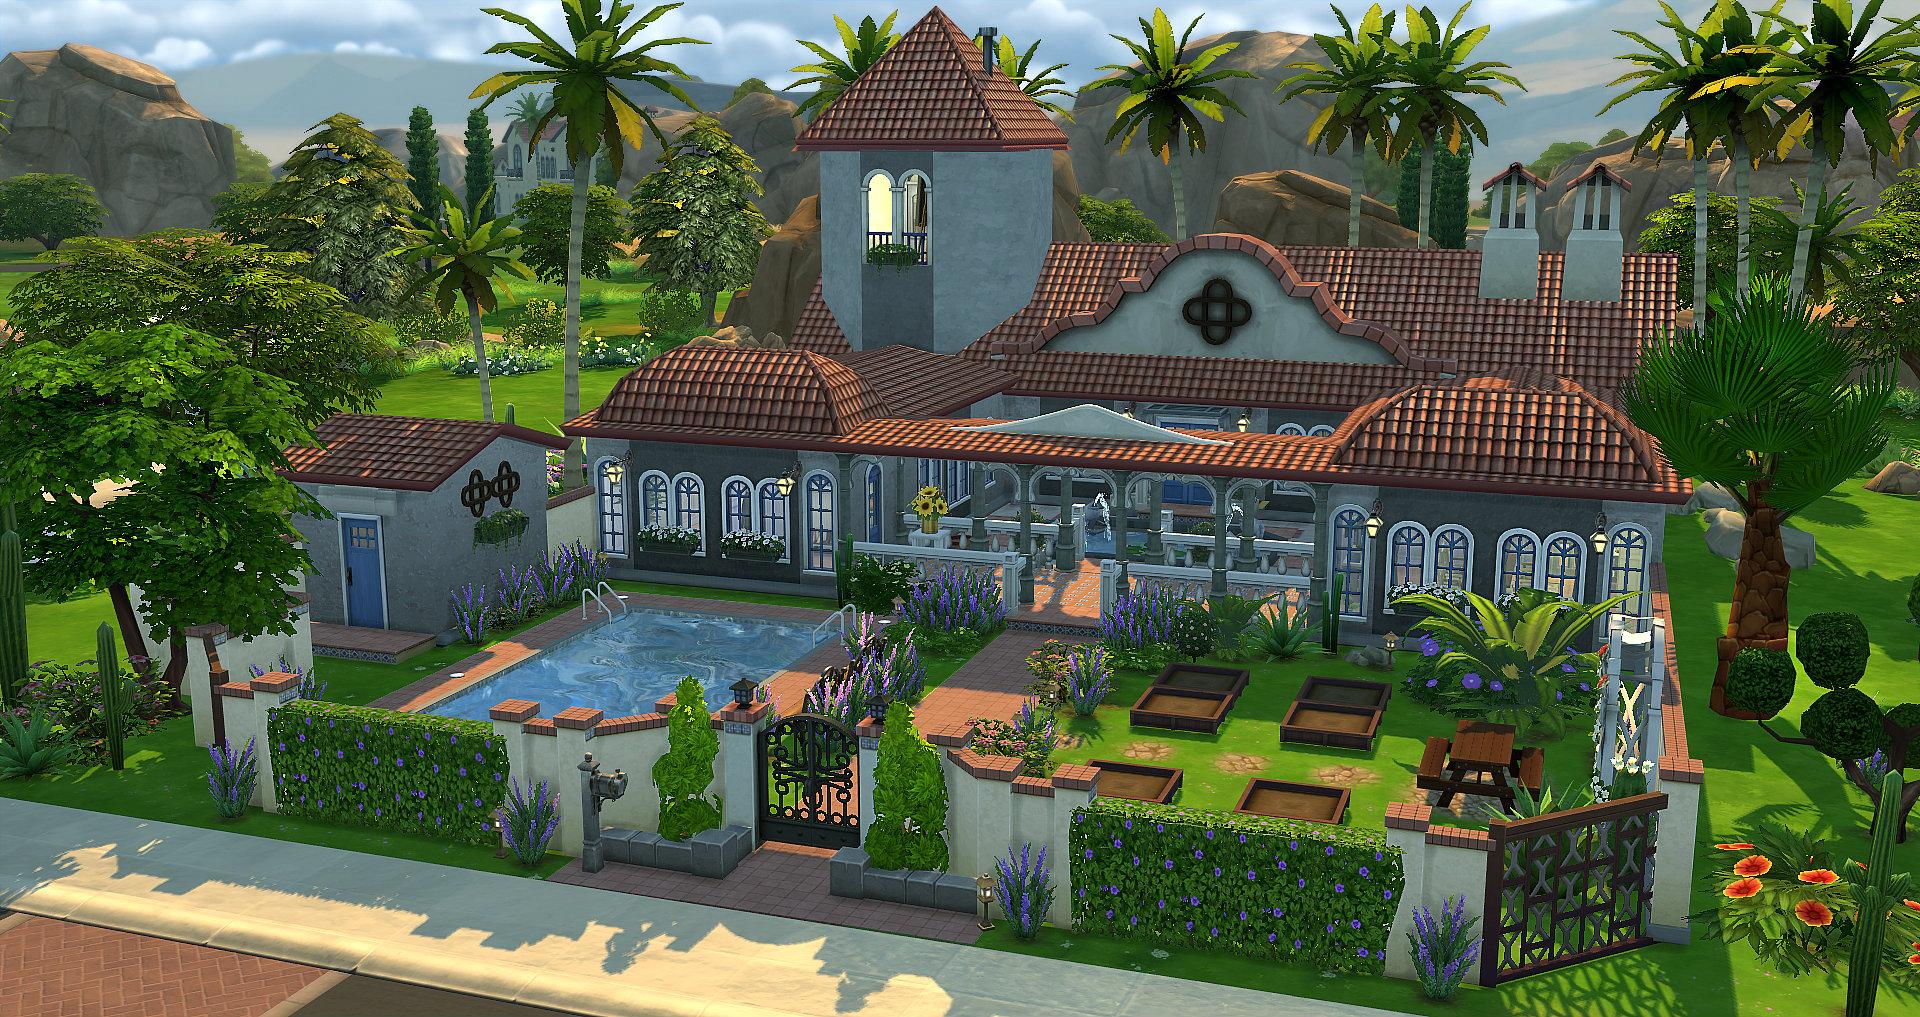 Havane studiosims creation for Maison sims 4 piscine